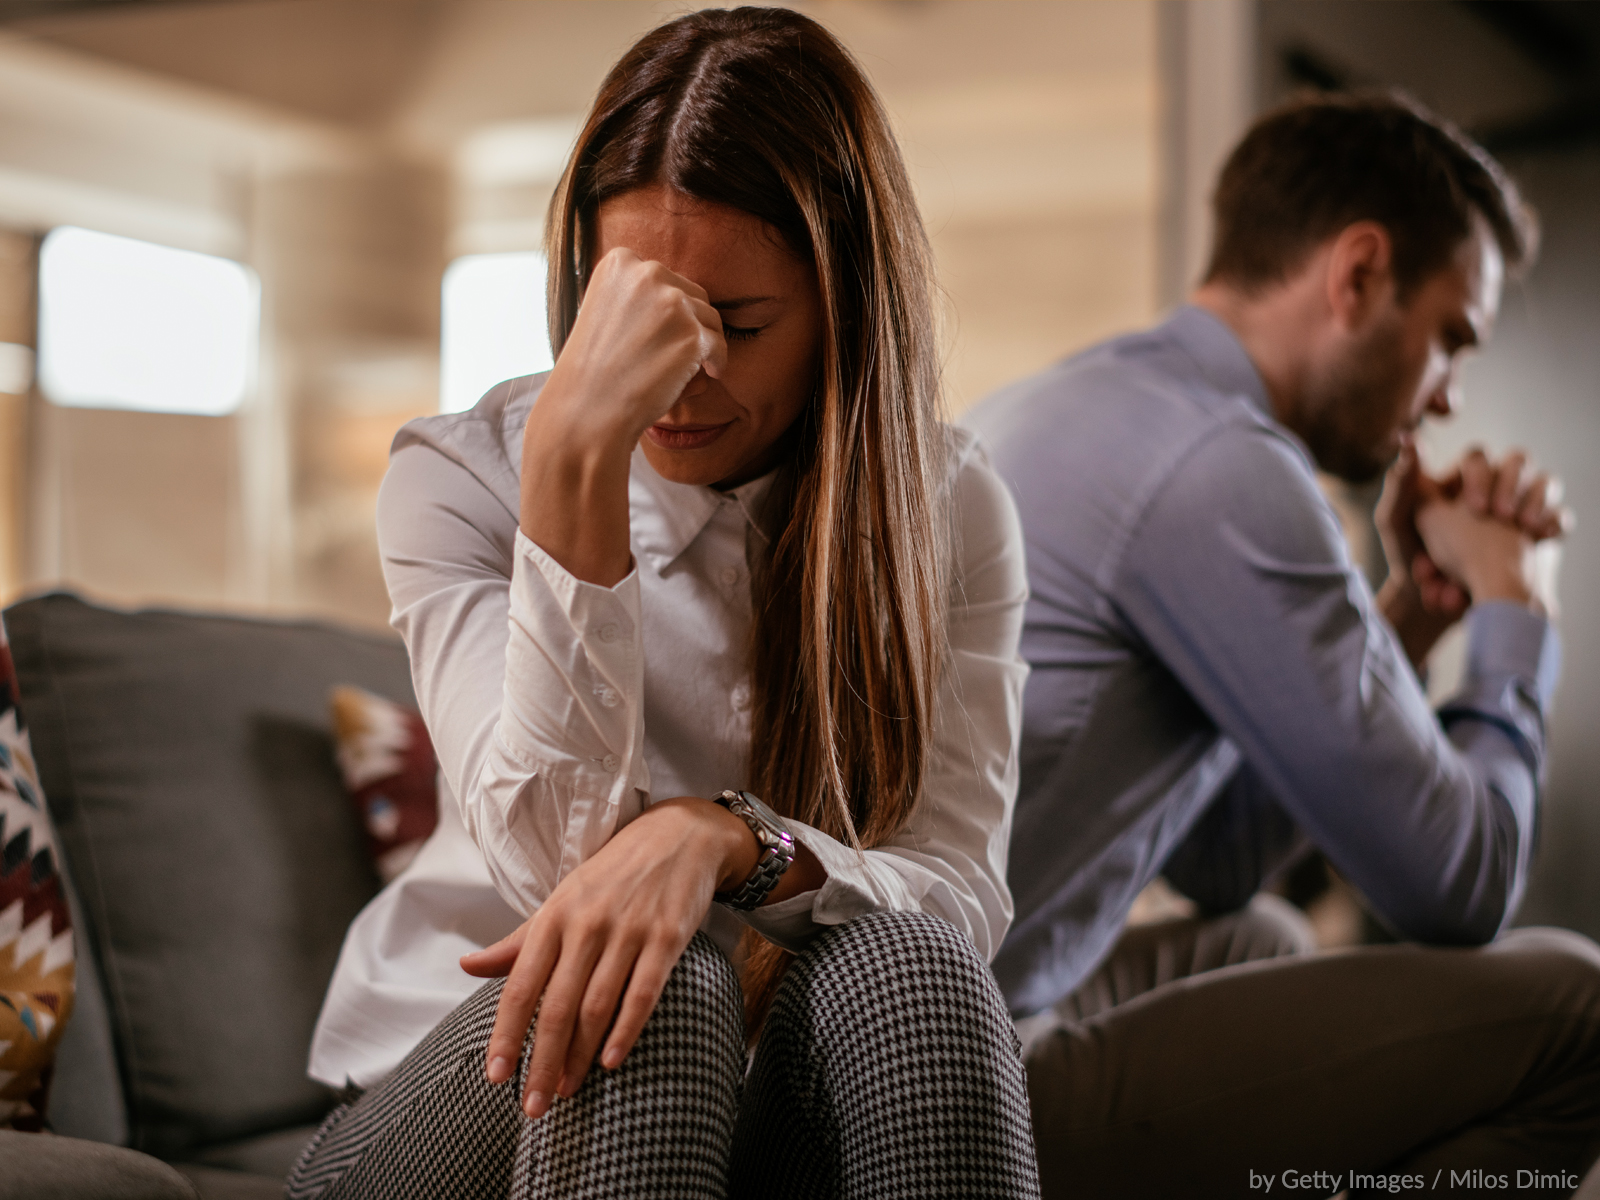 Crise no casamento O que fazer Como agir